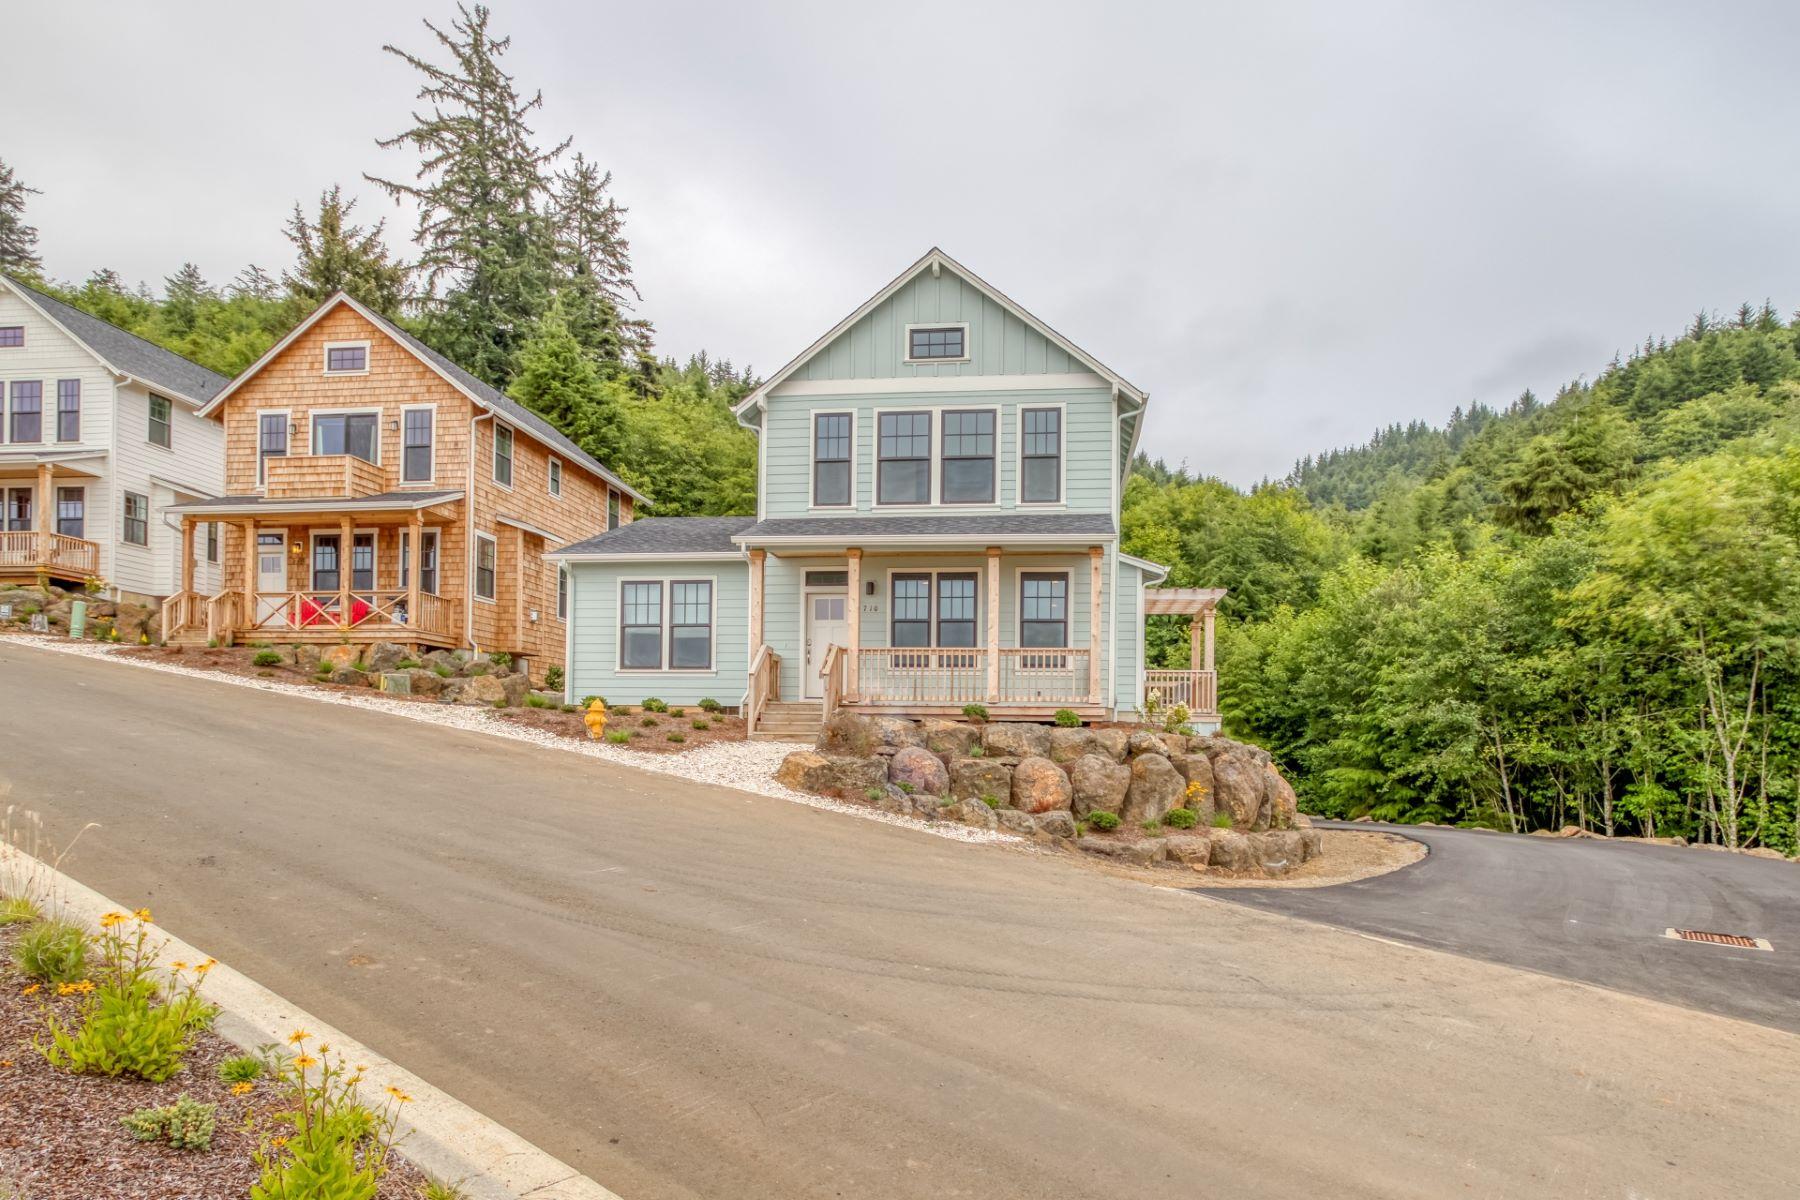 Single Family Homes pour l Vente à 710 NE LILLIAN LN LOT 6 LOT 6, Depoe Bay, Oregon 97341 États-Unis